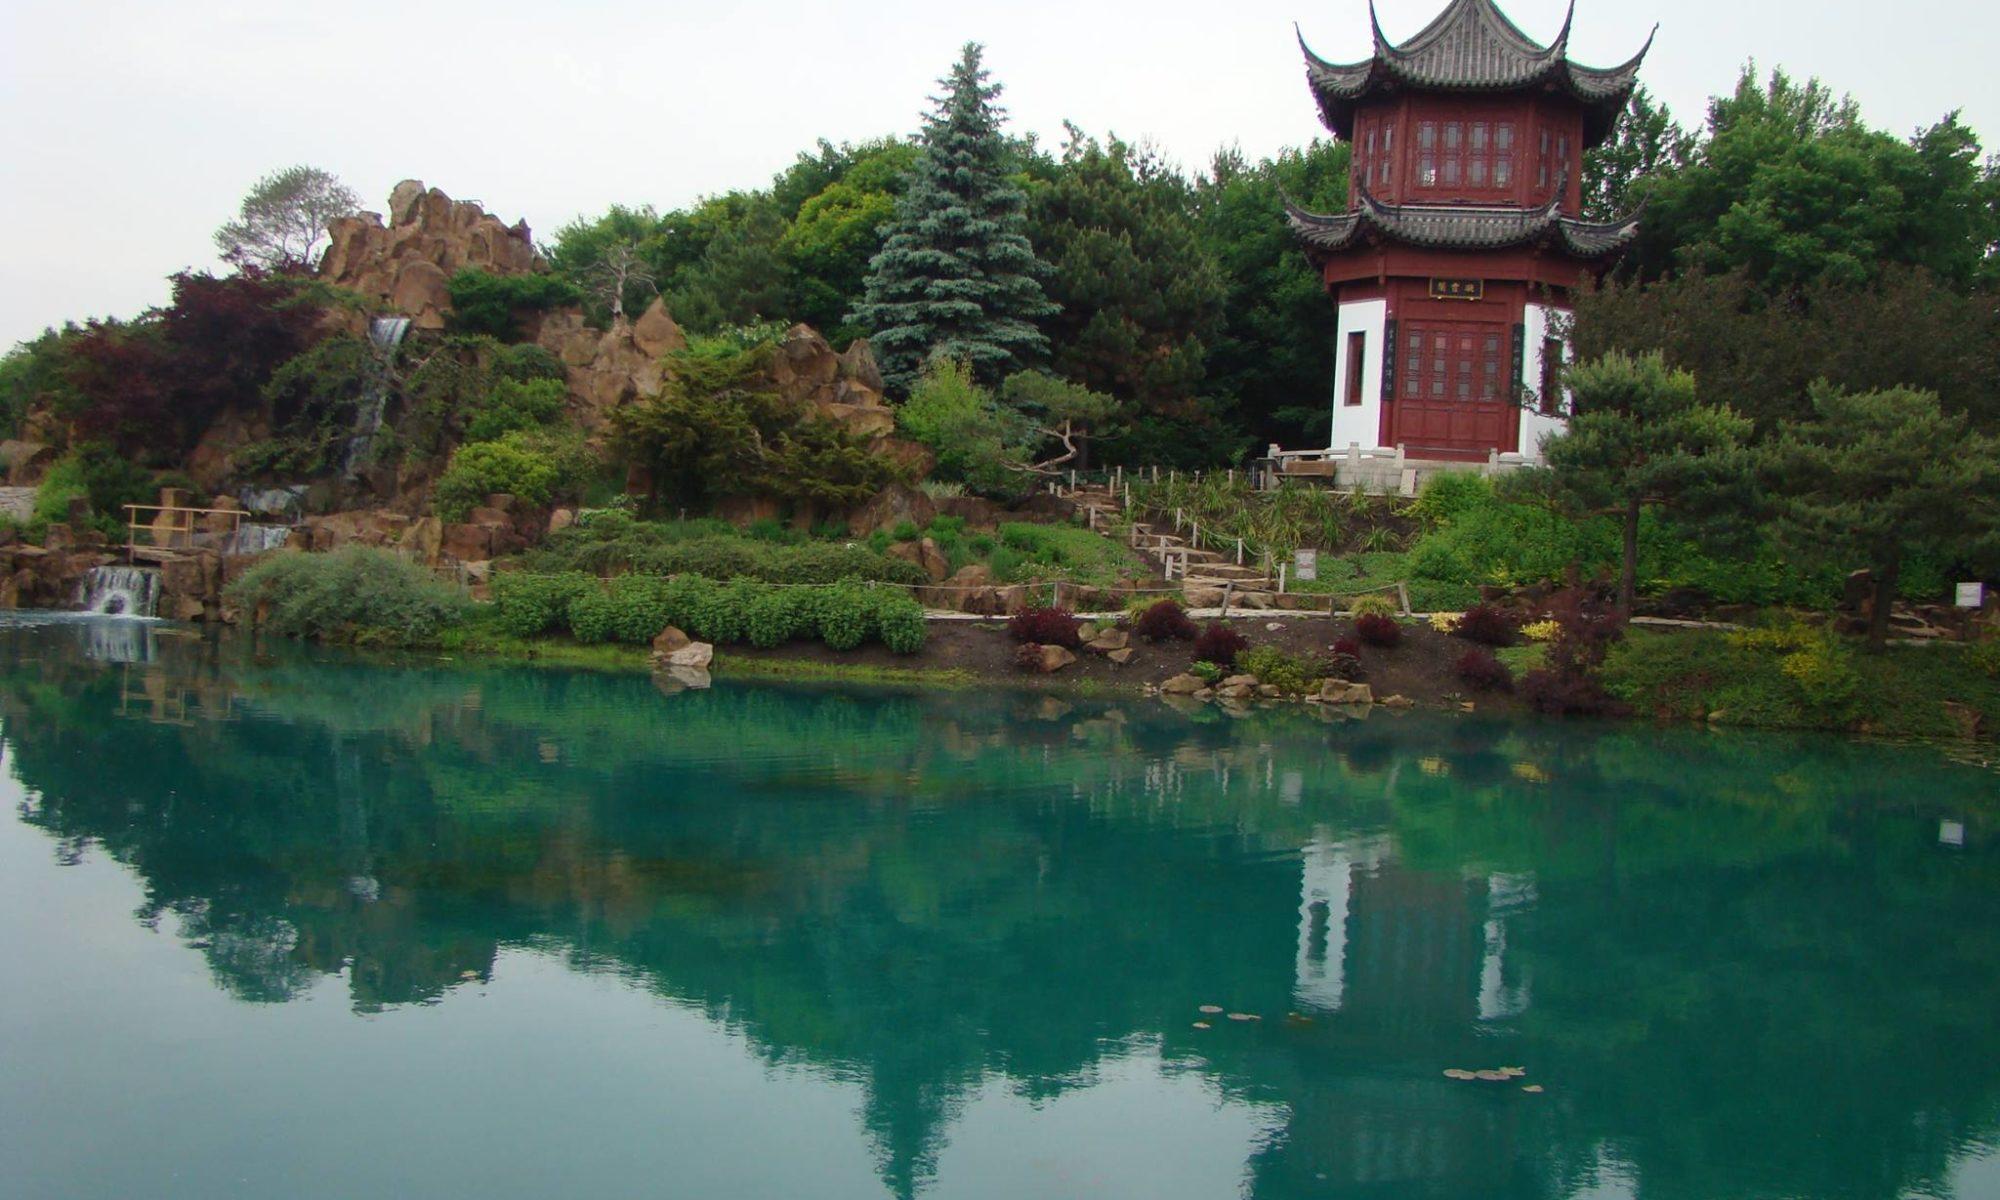 Thé de la pagode - pagode au bord d'un lac